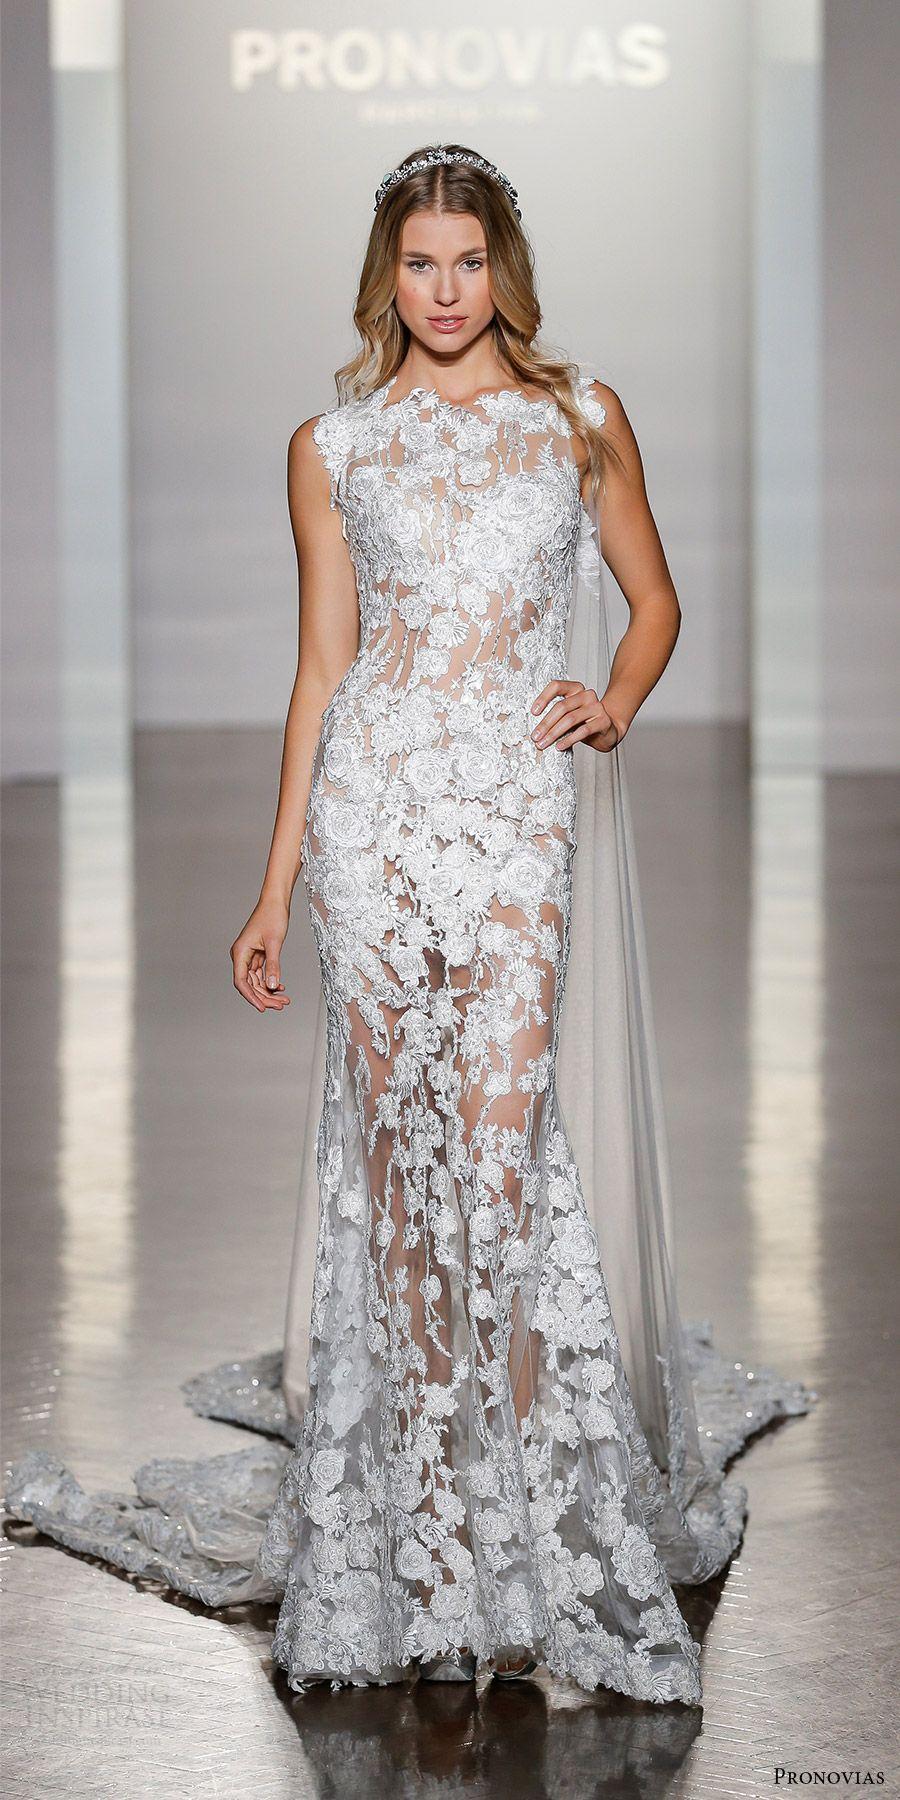 Atelier Pronovias 2017 Collection New York Bridal Fashion Show